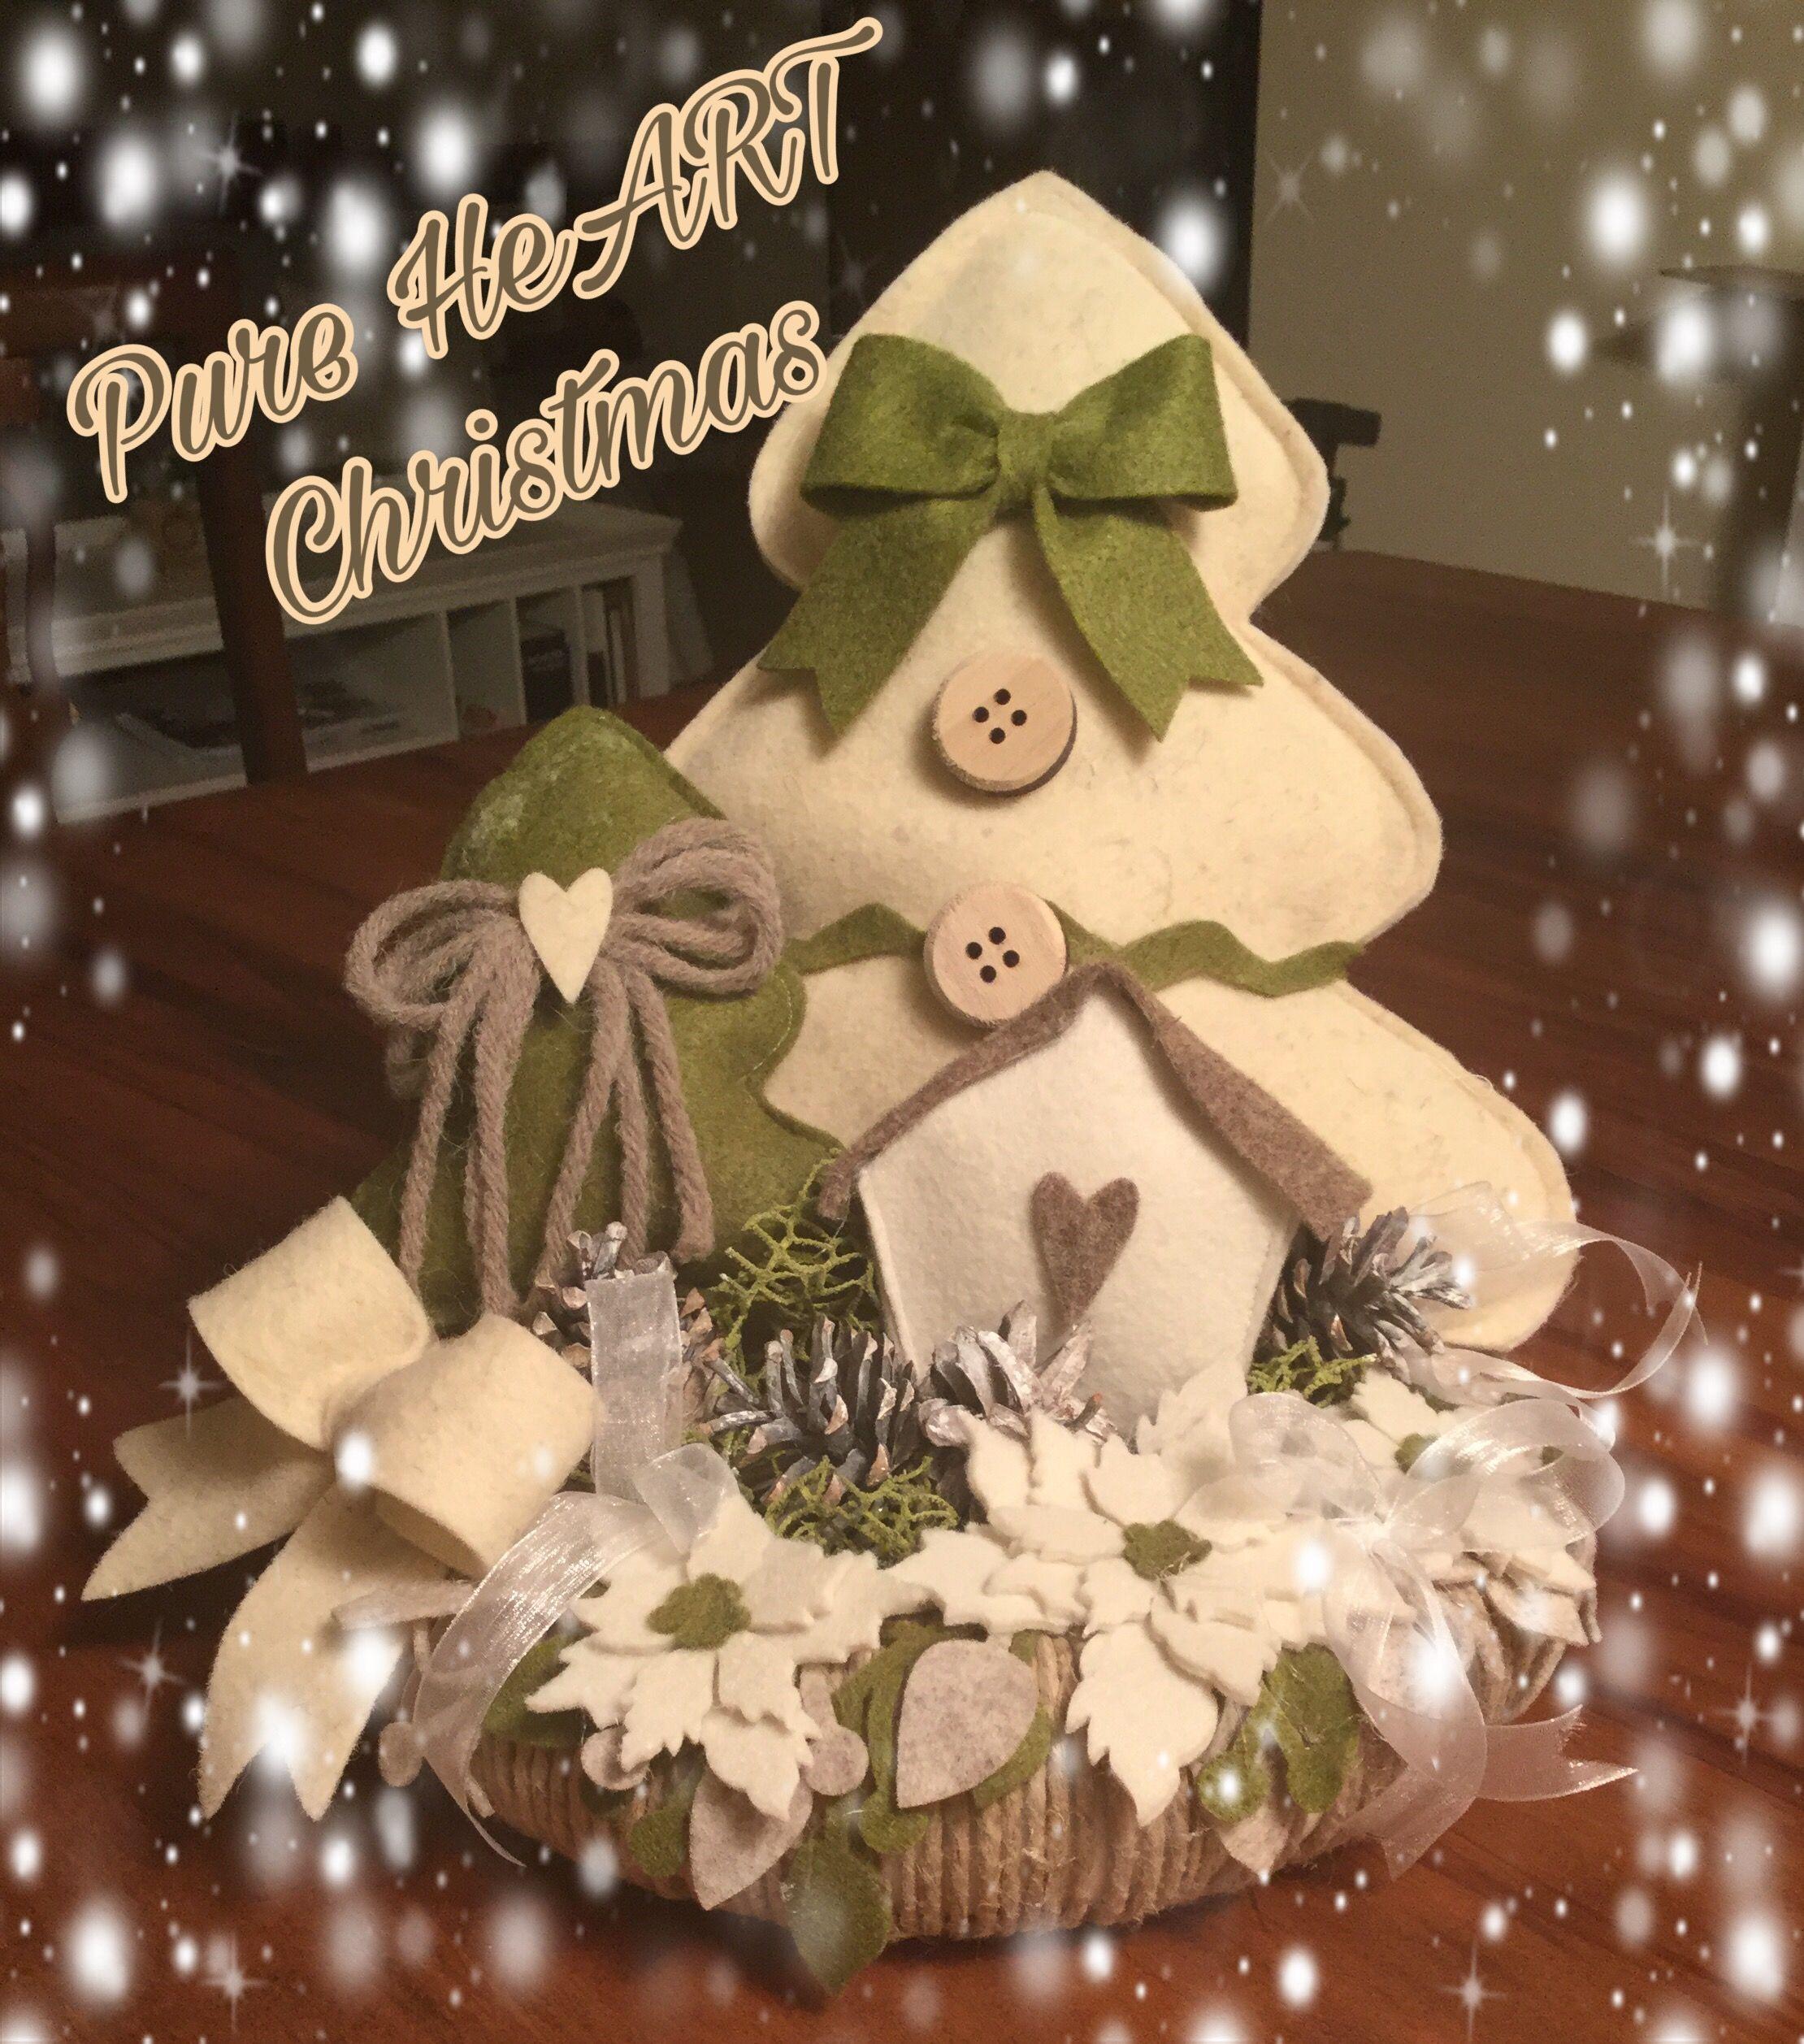 Regali Di Natale In Pannolenci.Paesaggio Natalizio Feltro E Pannolenci Natale Natale